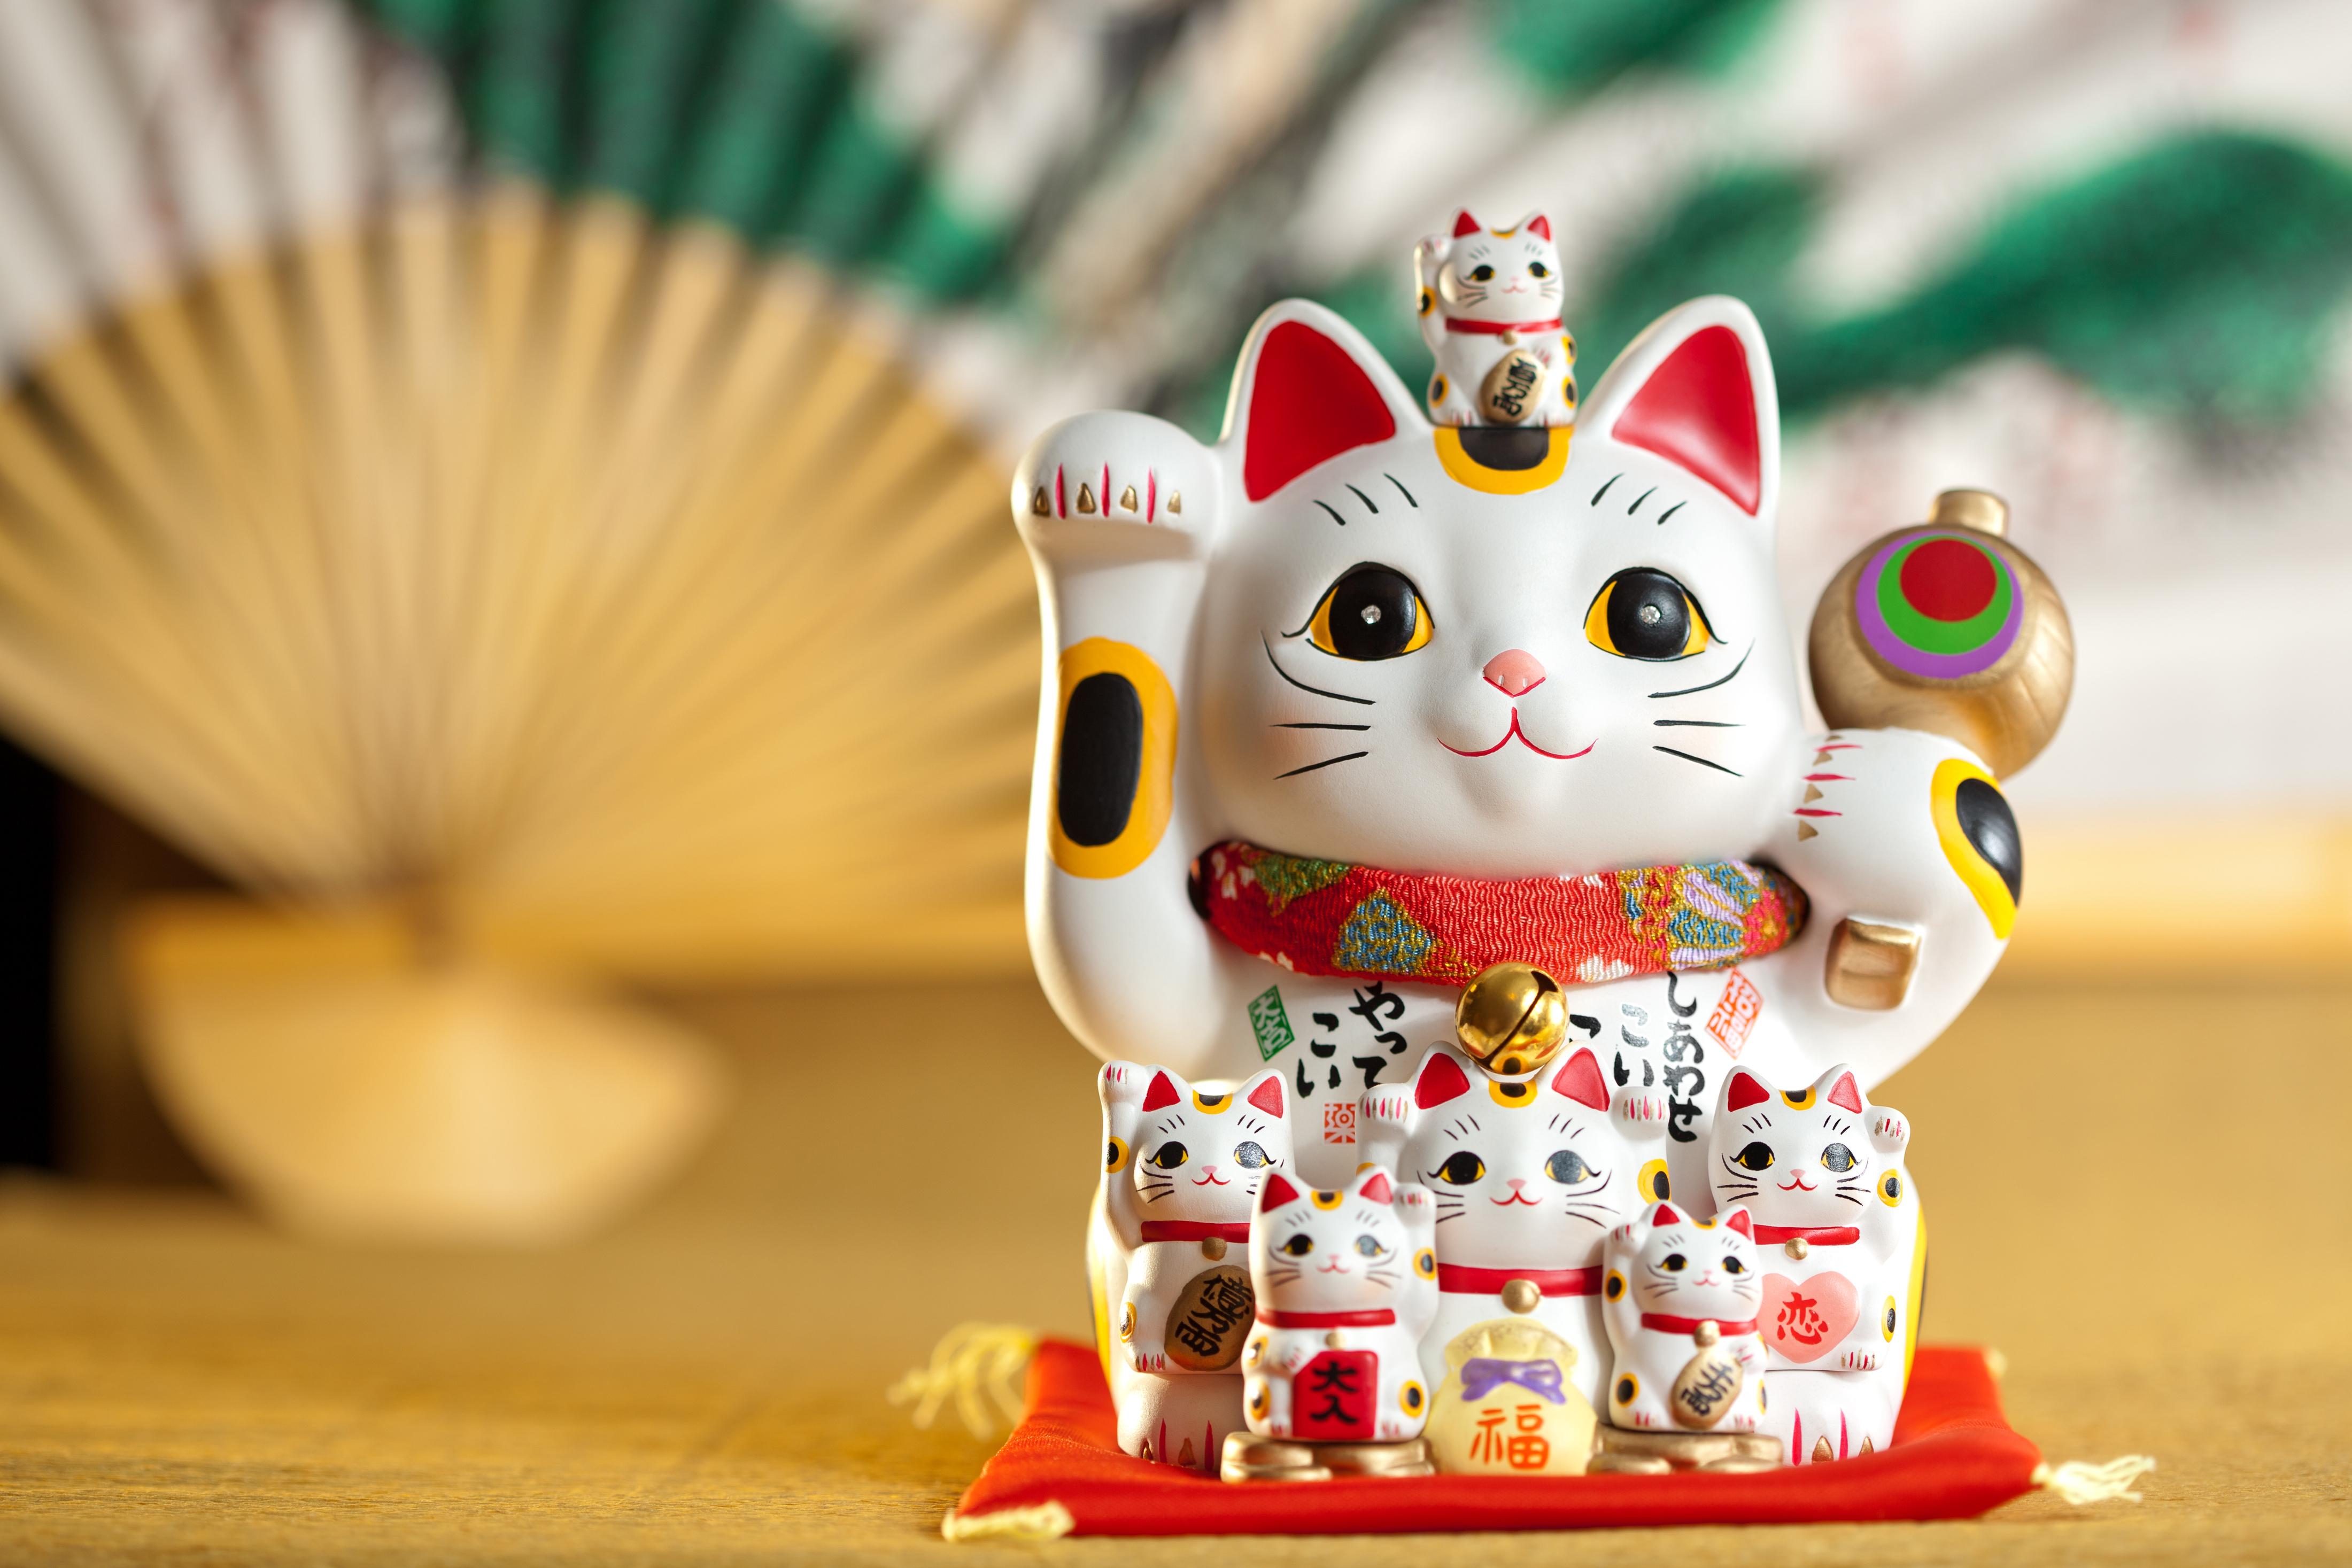 גם חתול המזל היפני לא יעזור לכם (צ'-shutterstock)